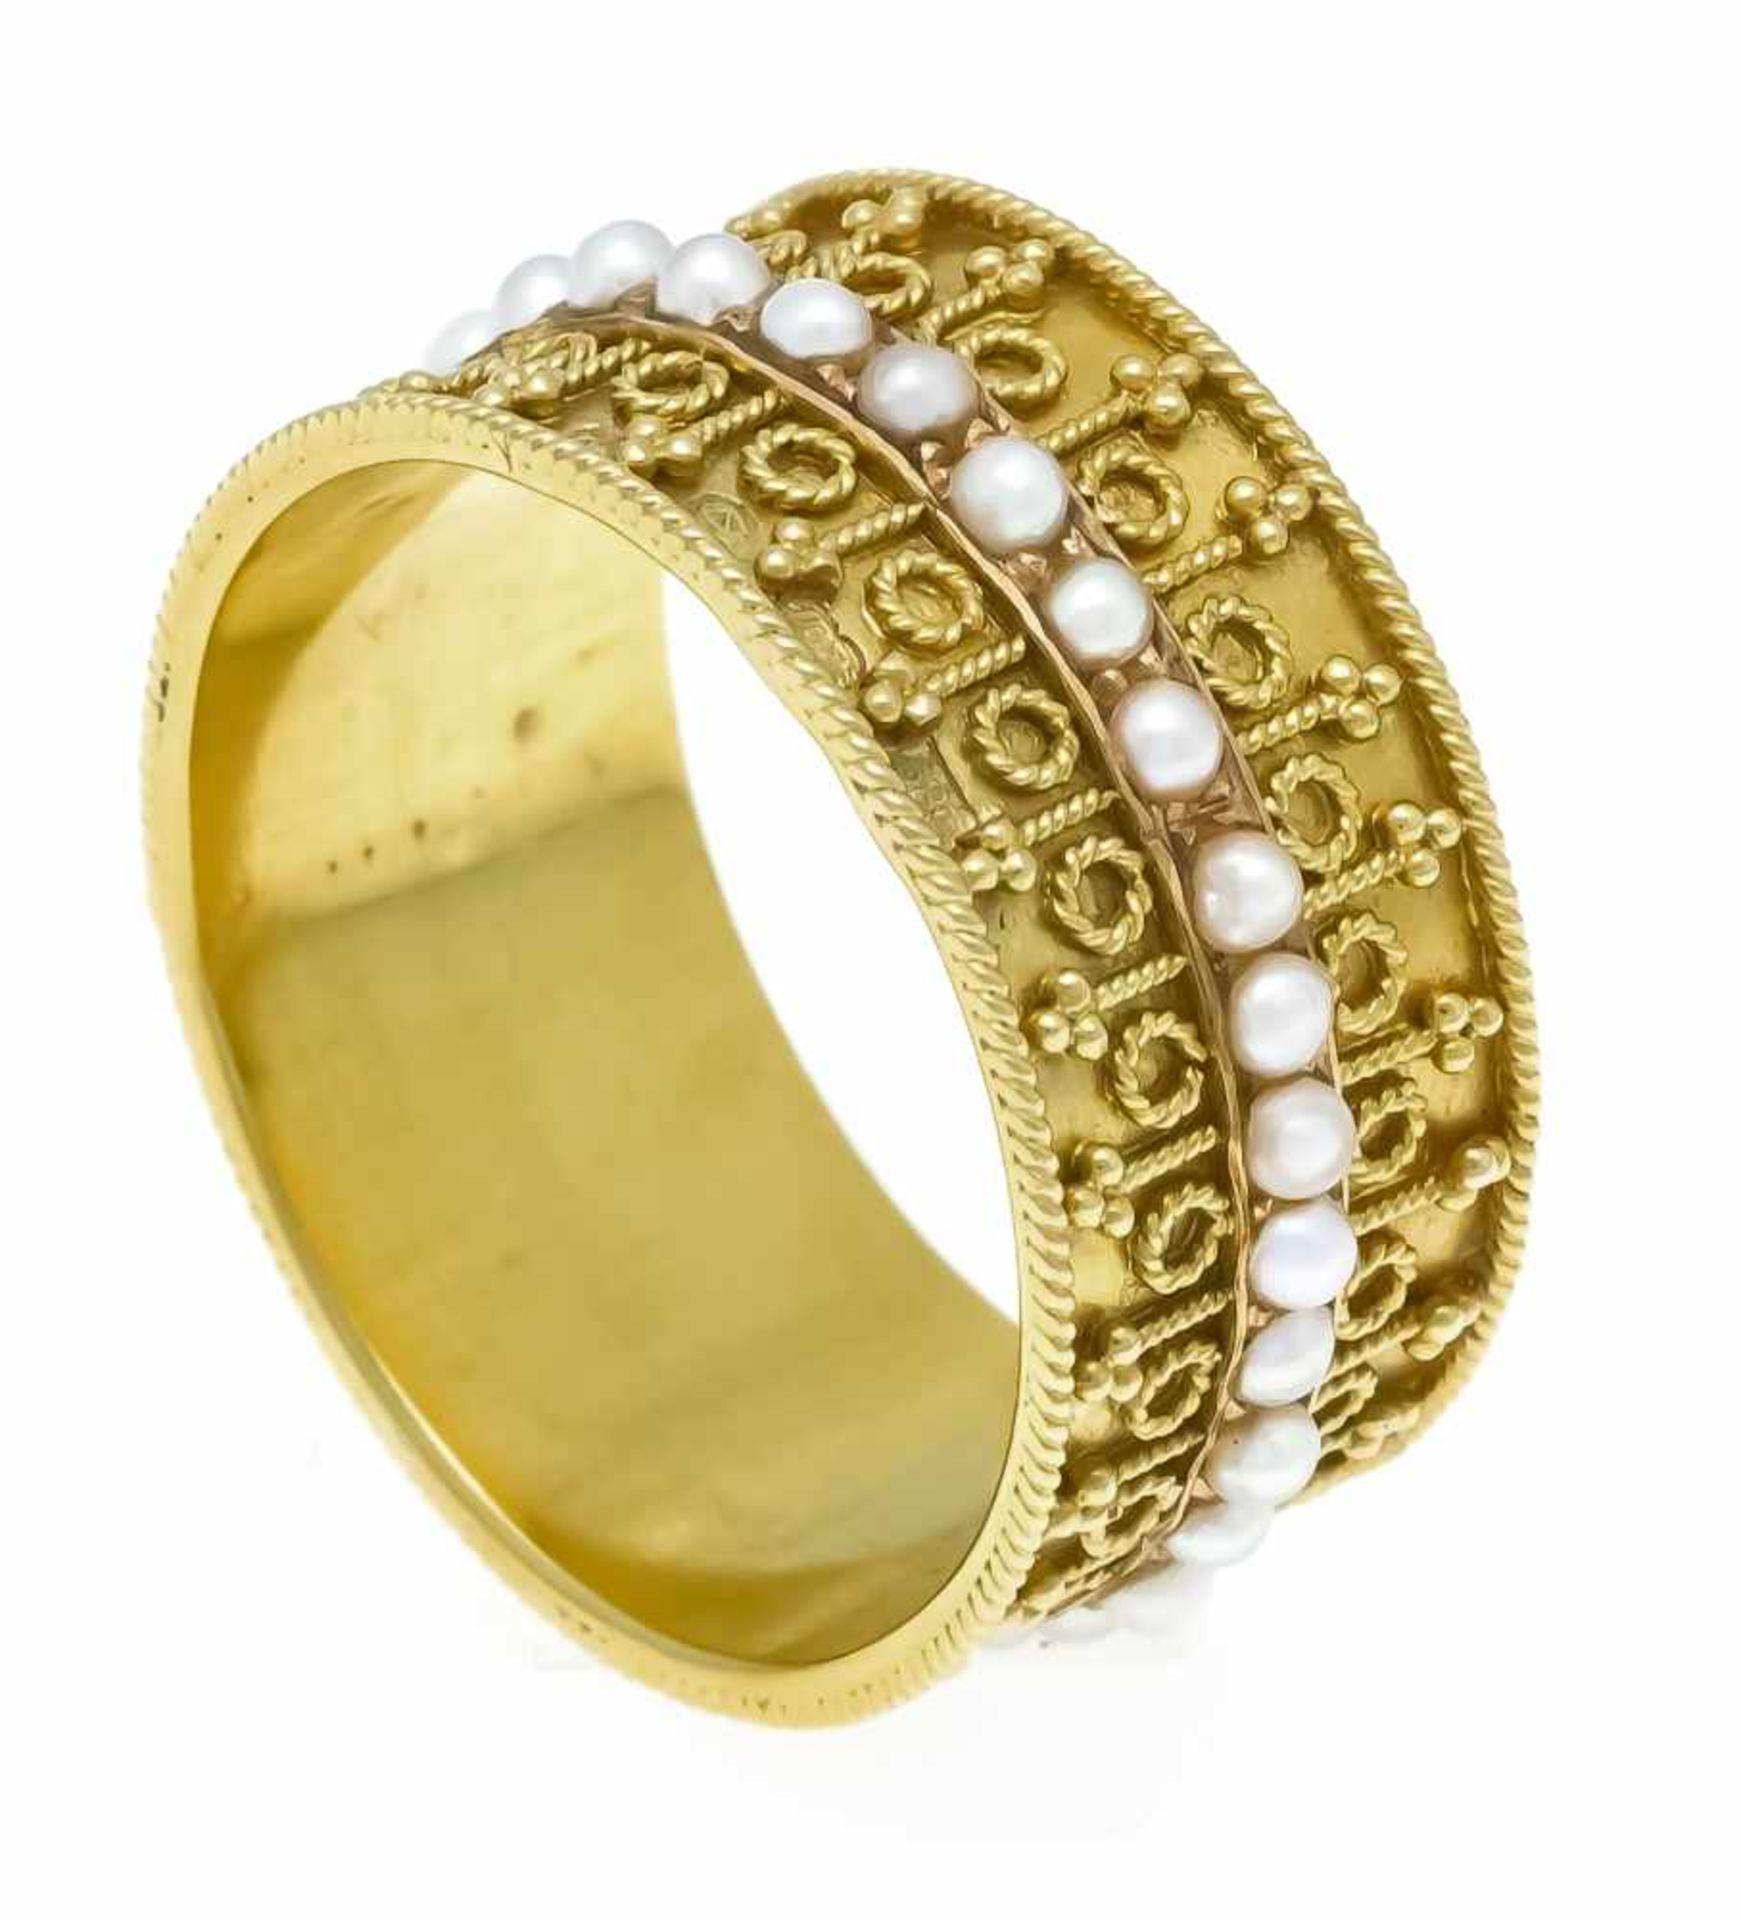 Flussperlen-Ring GG 625/000 (15 Kt) rundherum mit Flussperlen 1,7 mm, RG 53, 4,2 gRiver pearl ring